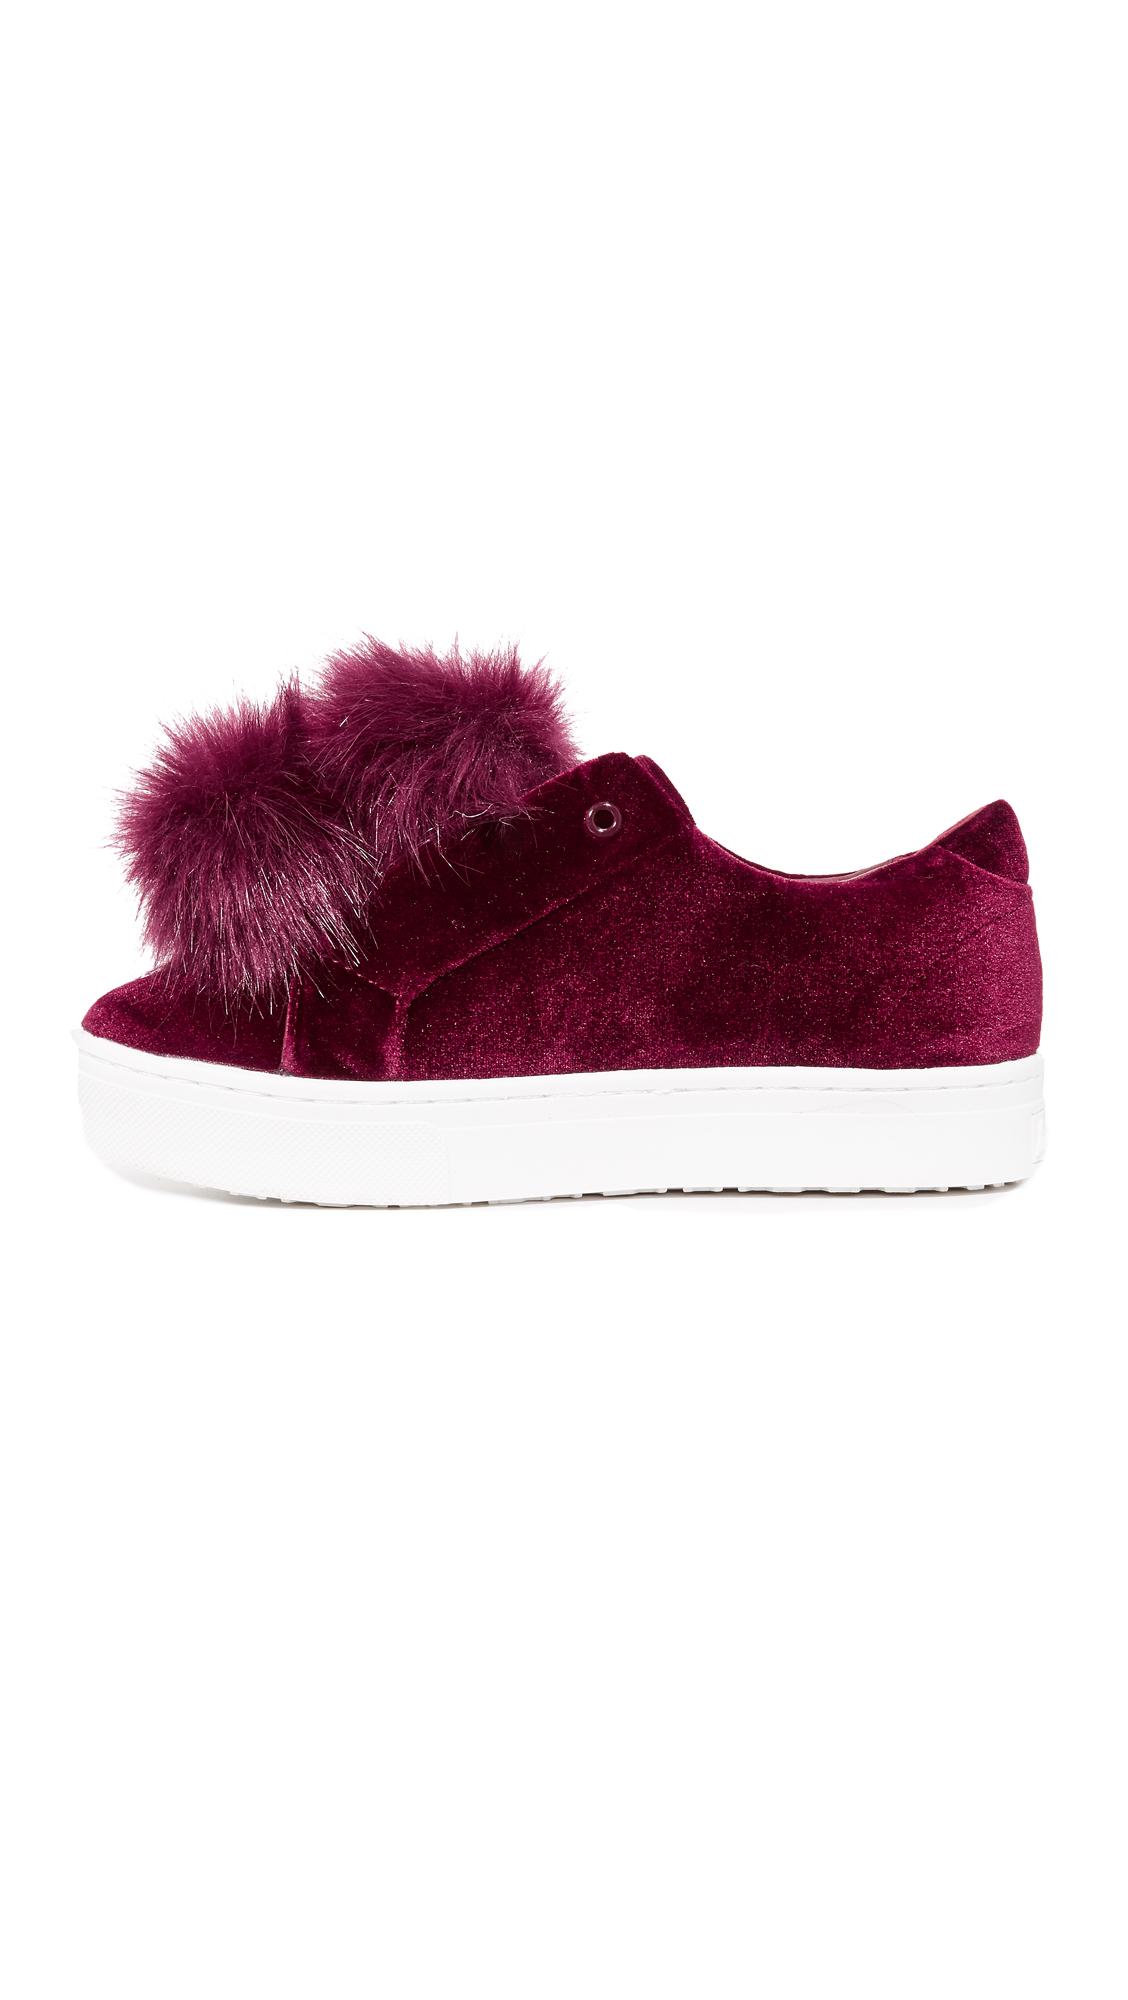 e5185b46c Sam Edelman Leya Velvet Pom Pom Sneakers